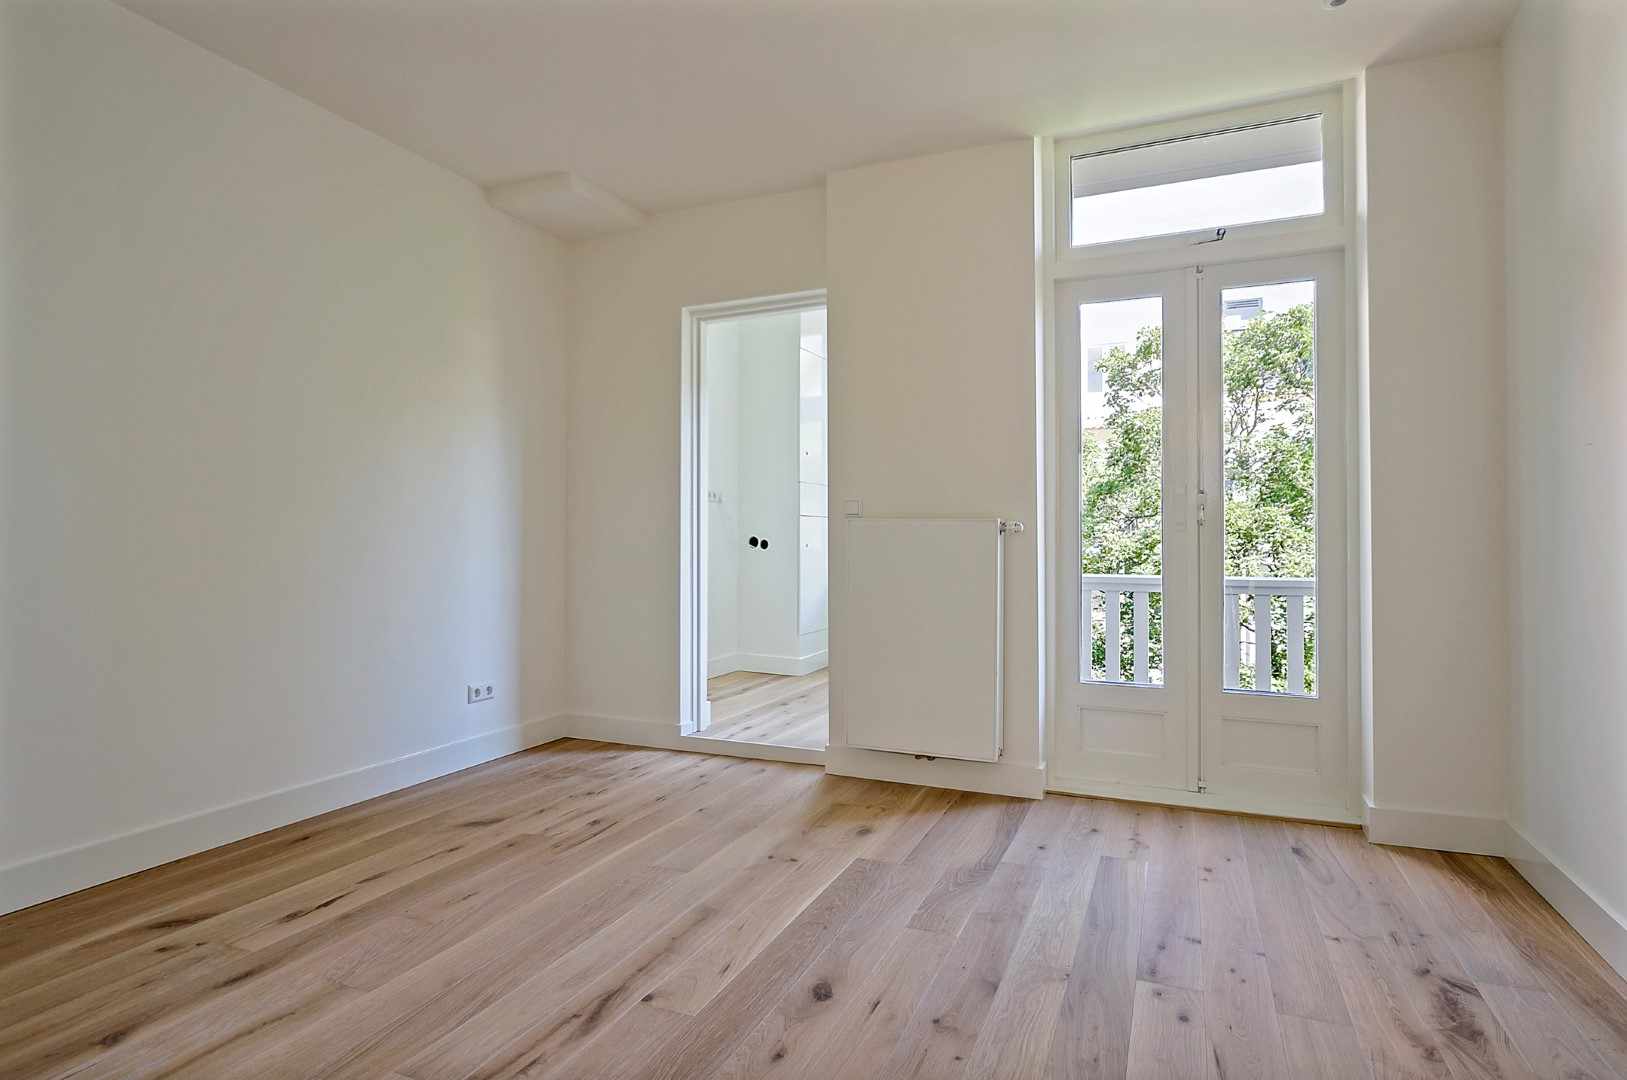 Kinkerstraat 200-III 1053 EL, Amsterdam, Noord-Holland Nederland, 1 Slaapkamer Slaapkamers, ,1 BadkamerBadkamers,Appartement,Huur,Kinkerstraat,3,1292